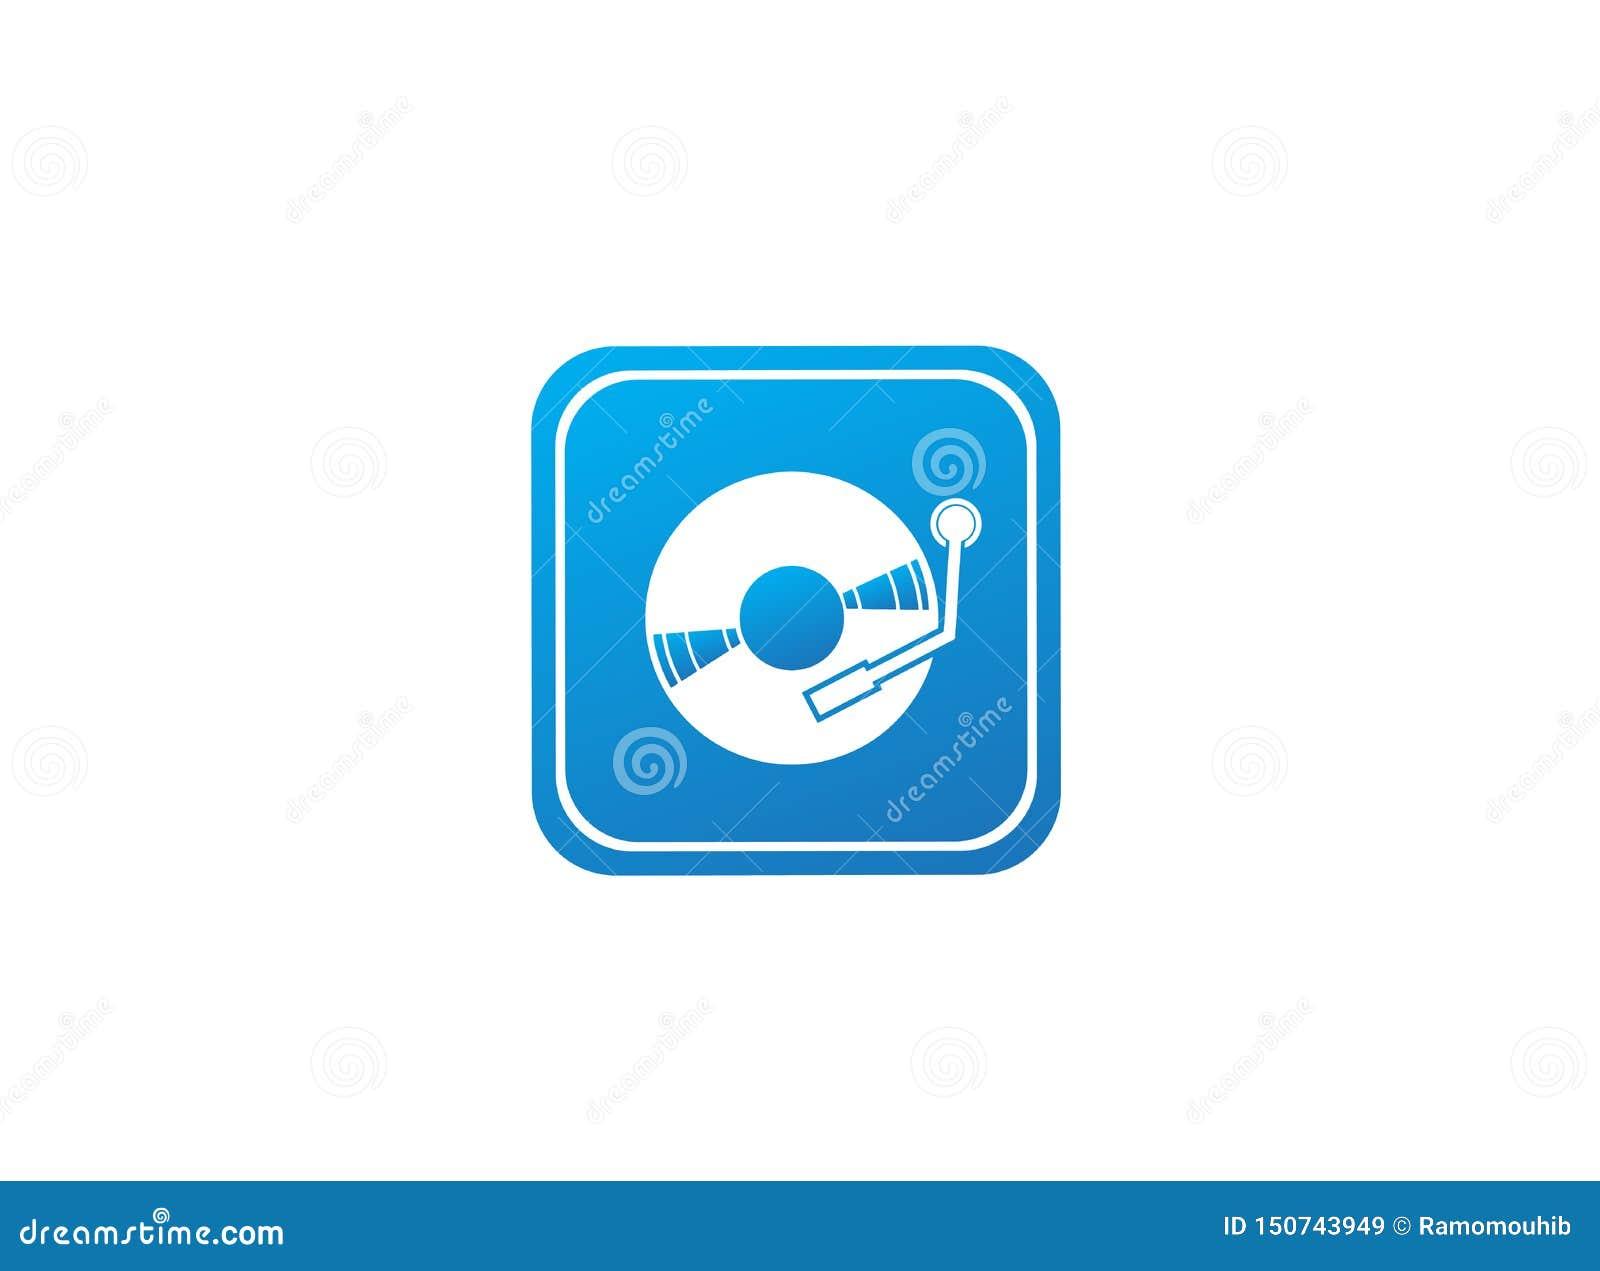 Winylowy dysk dla dj miesza muzyczną logo projekta ilustrację w kształcie